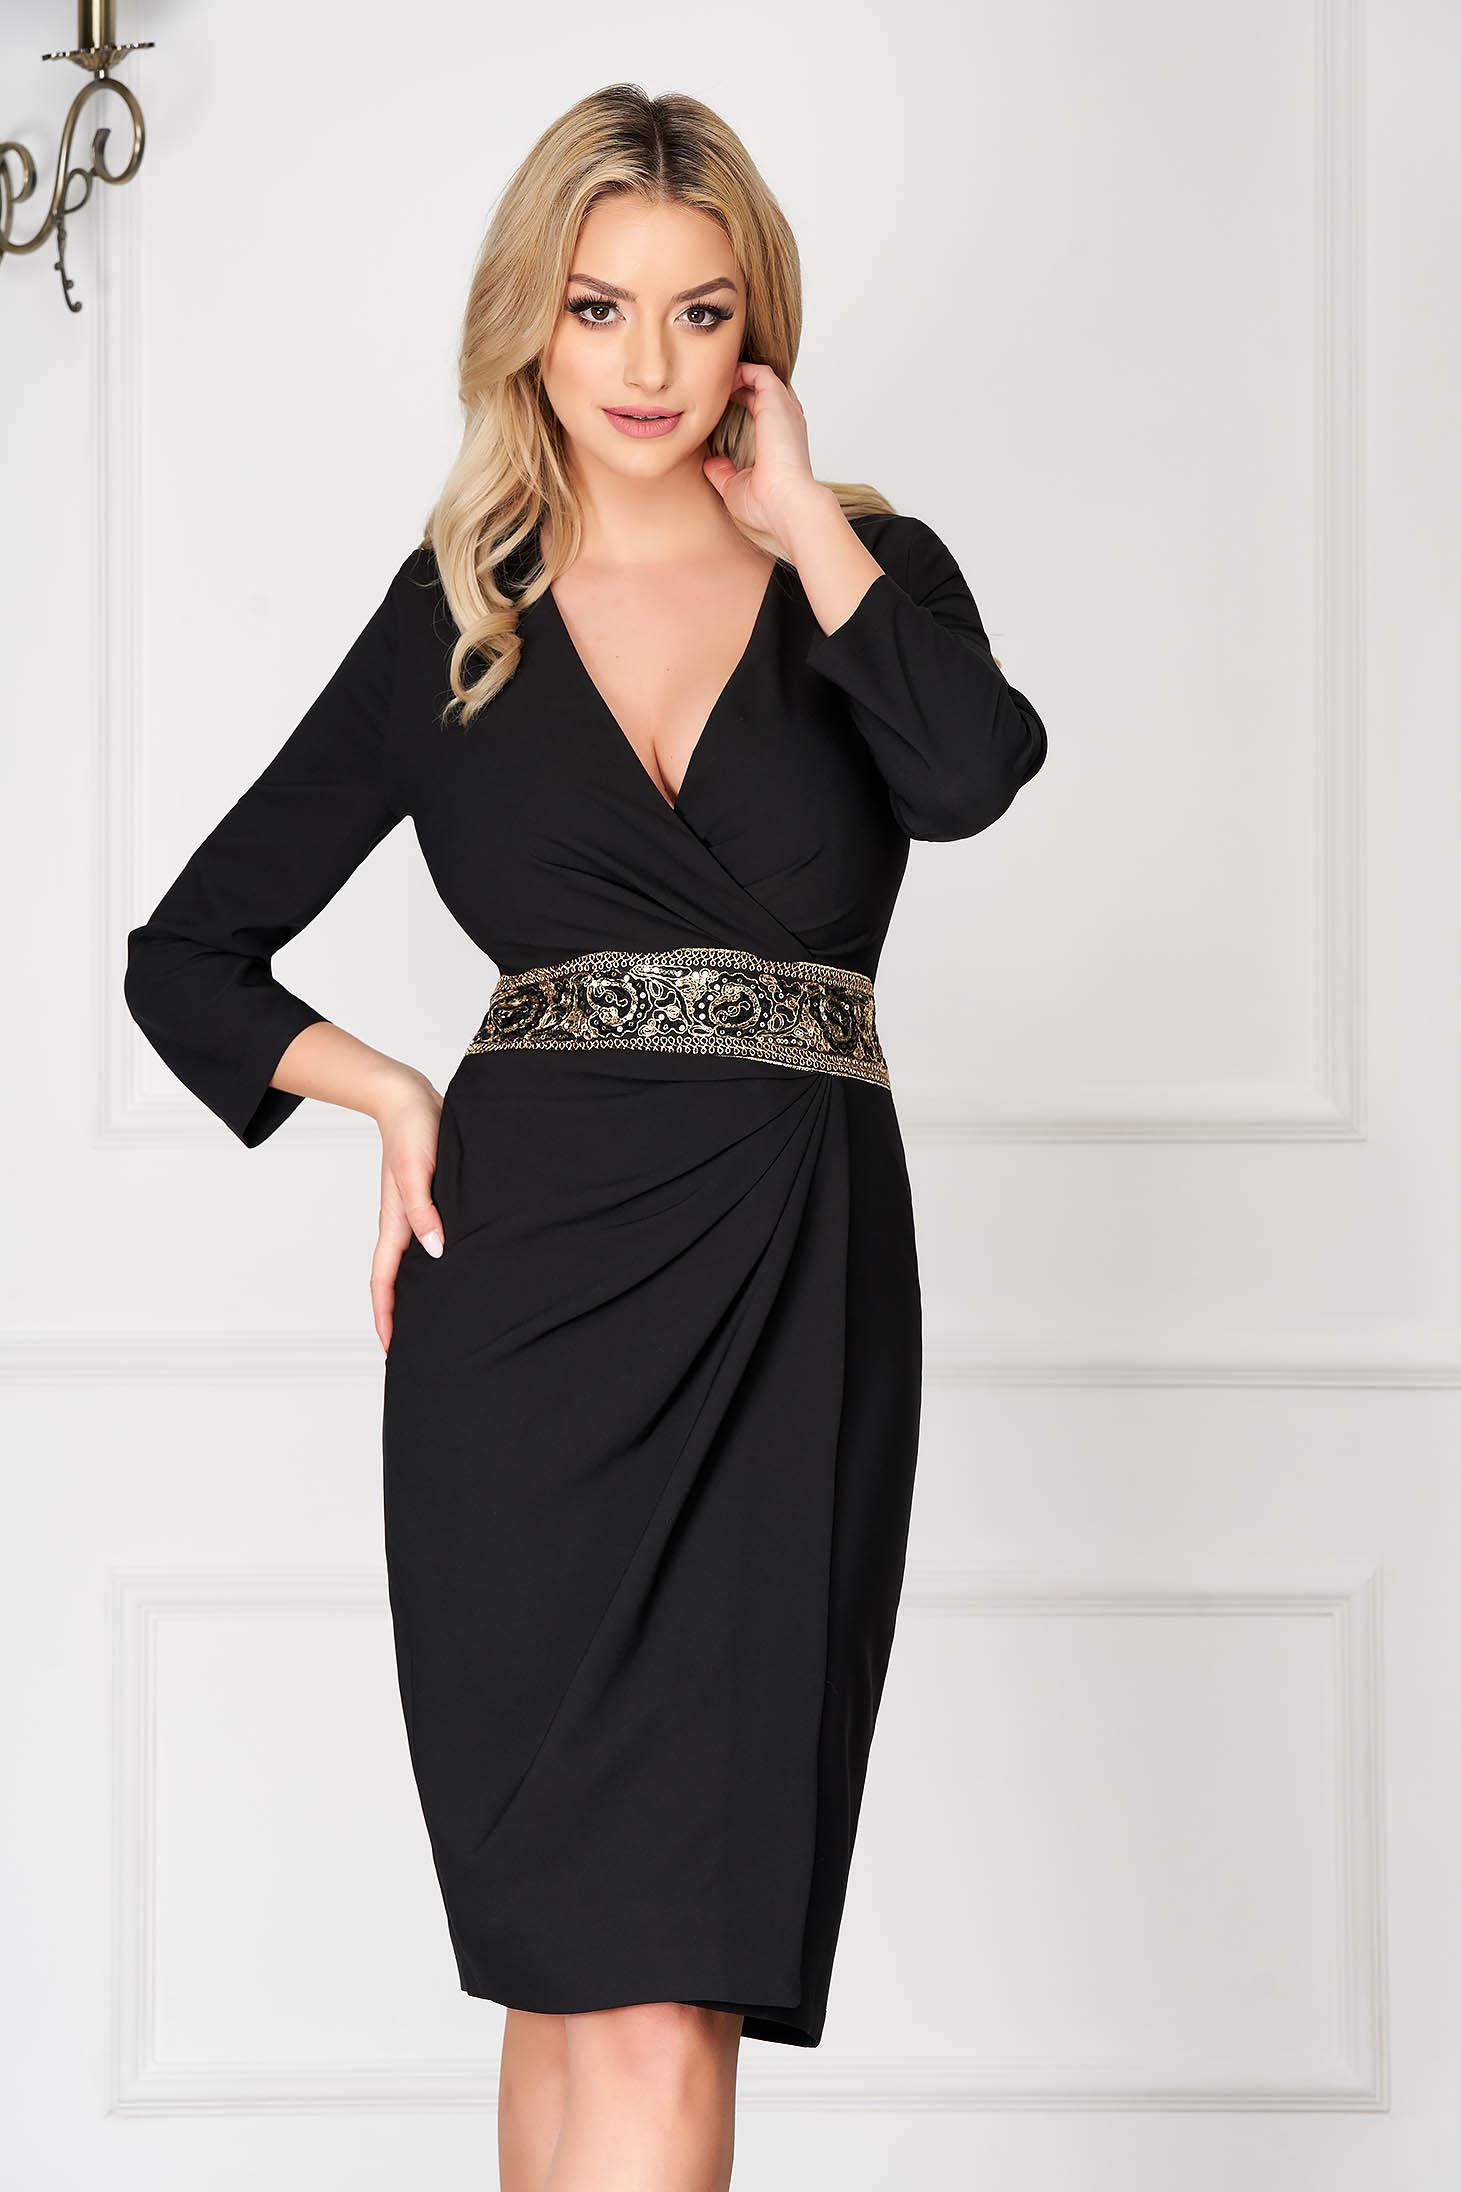 Black elegant midi pencil dress wrap around accessorized with a waistband